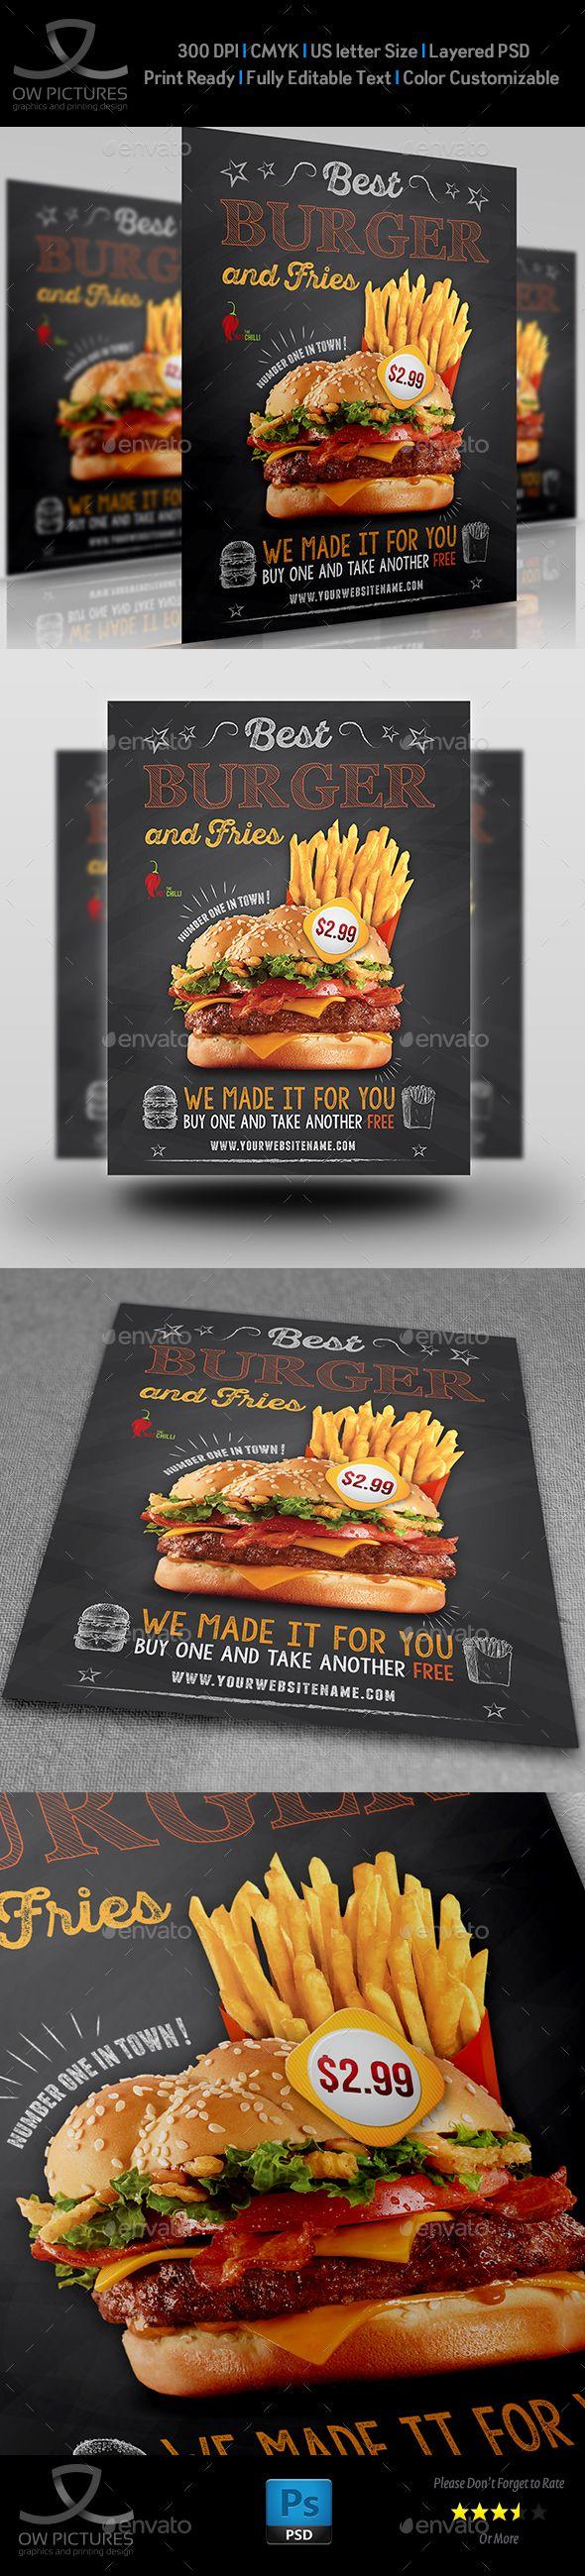 Burger Restaurant Flyer Template Vol6 18 best